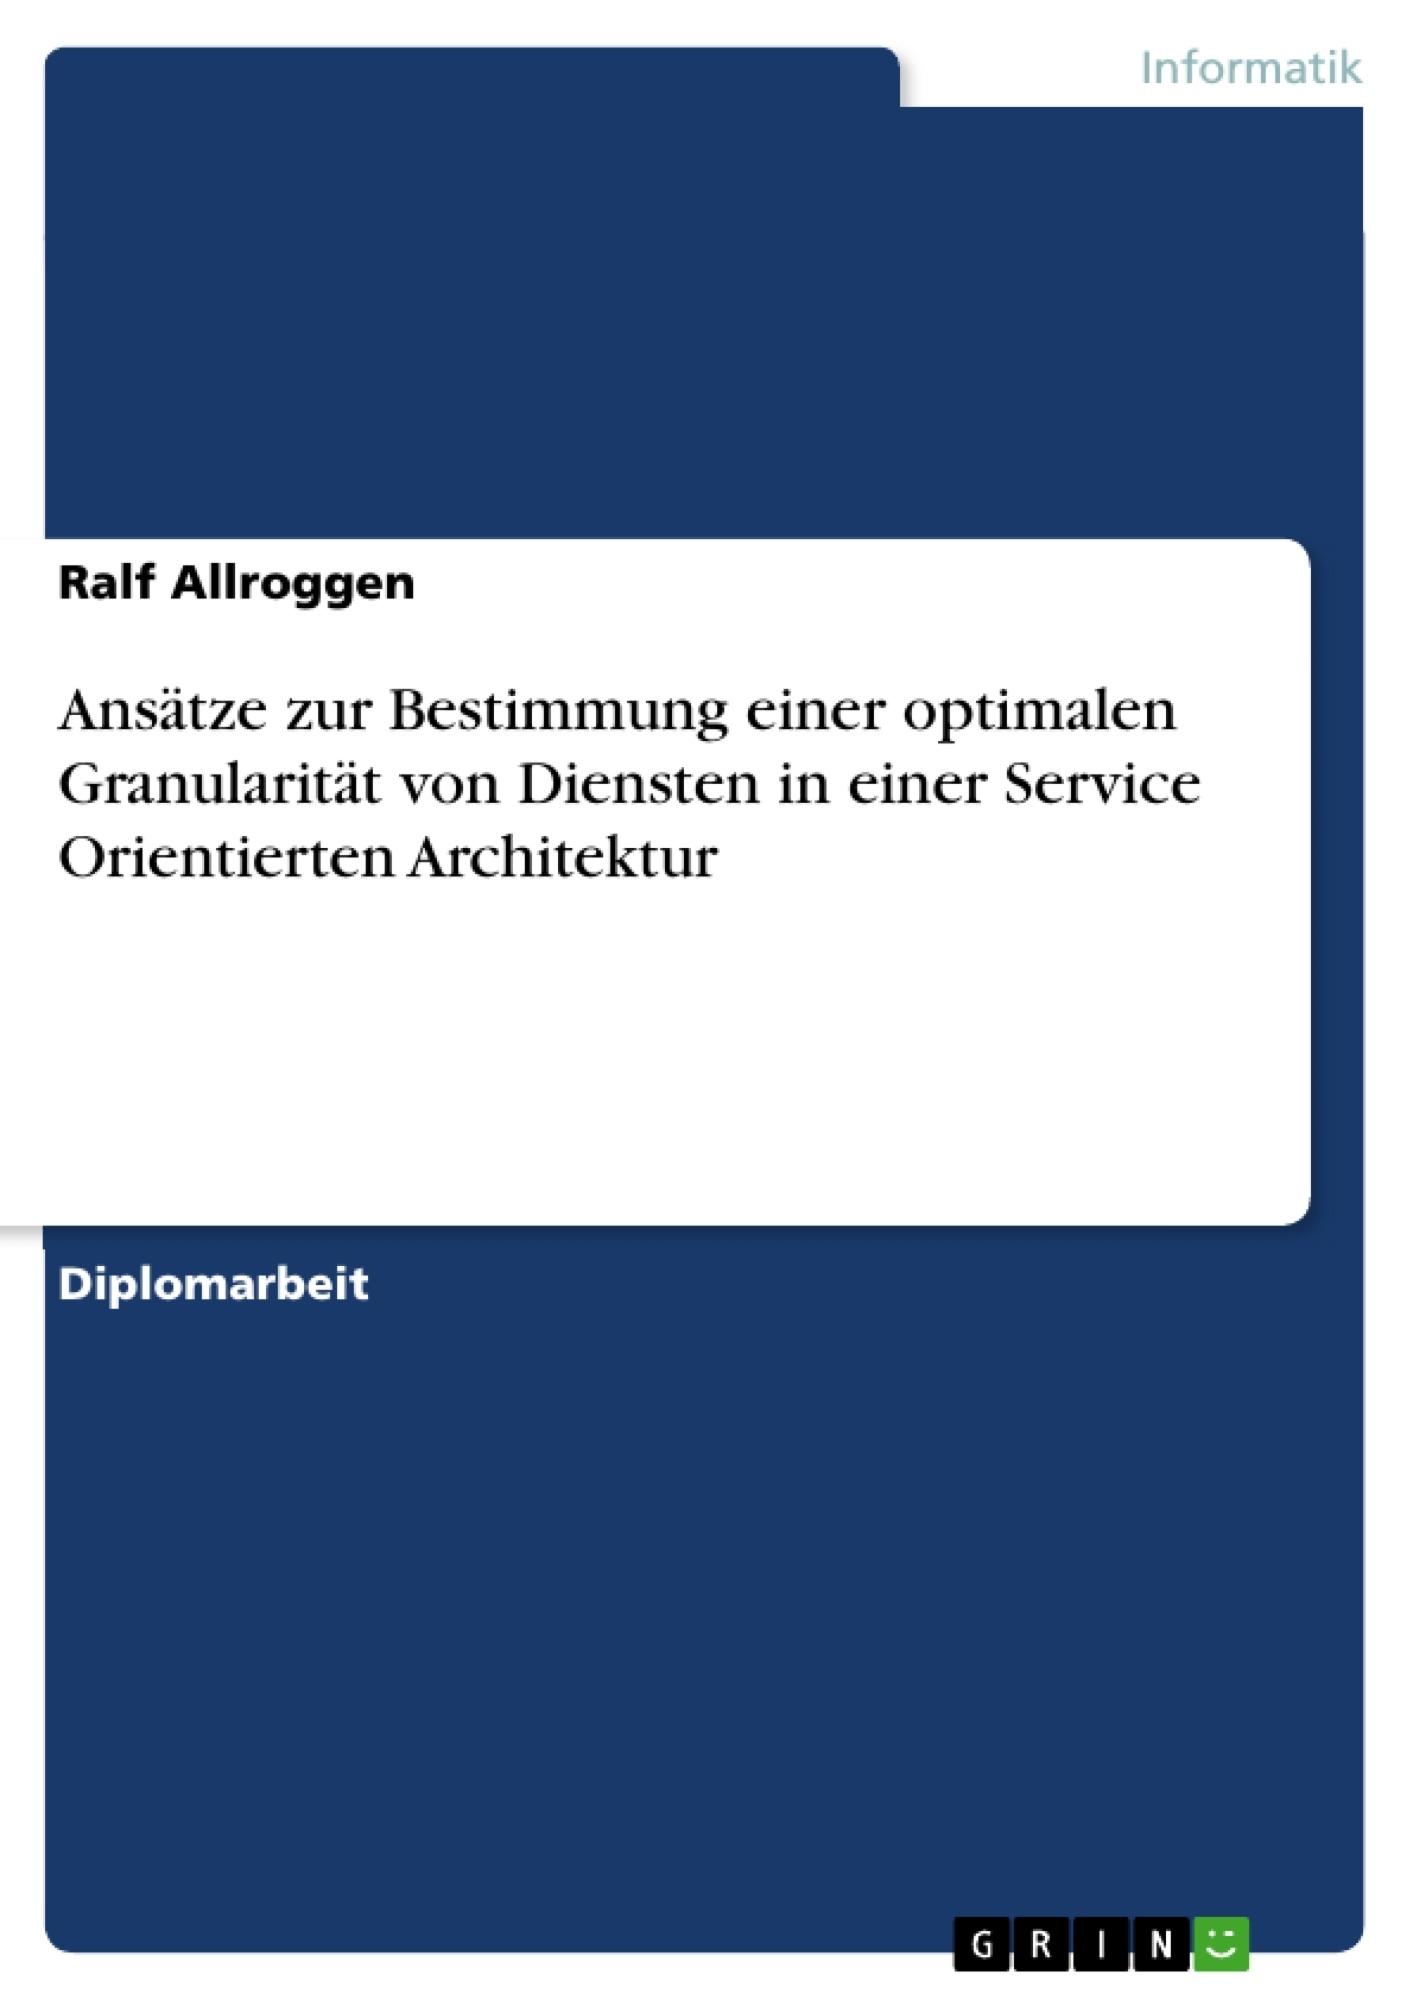 Titel: Ansätze zur Bestimmung einer optimalen Granularität von Diensten in einer Service Orientierten Architektur